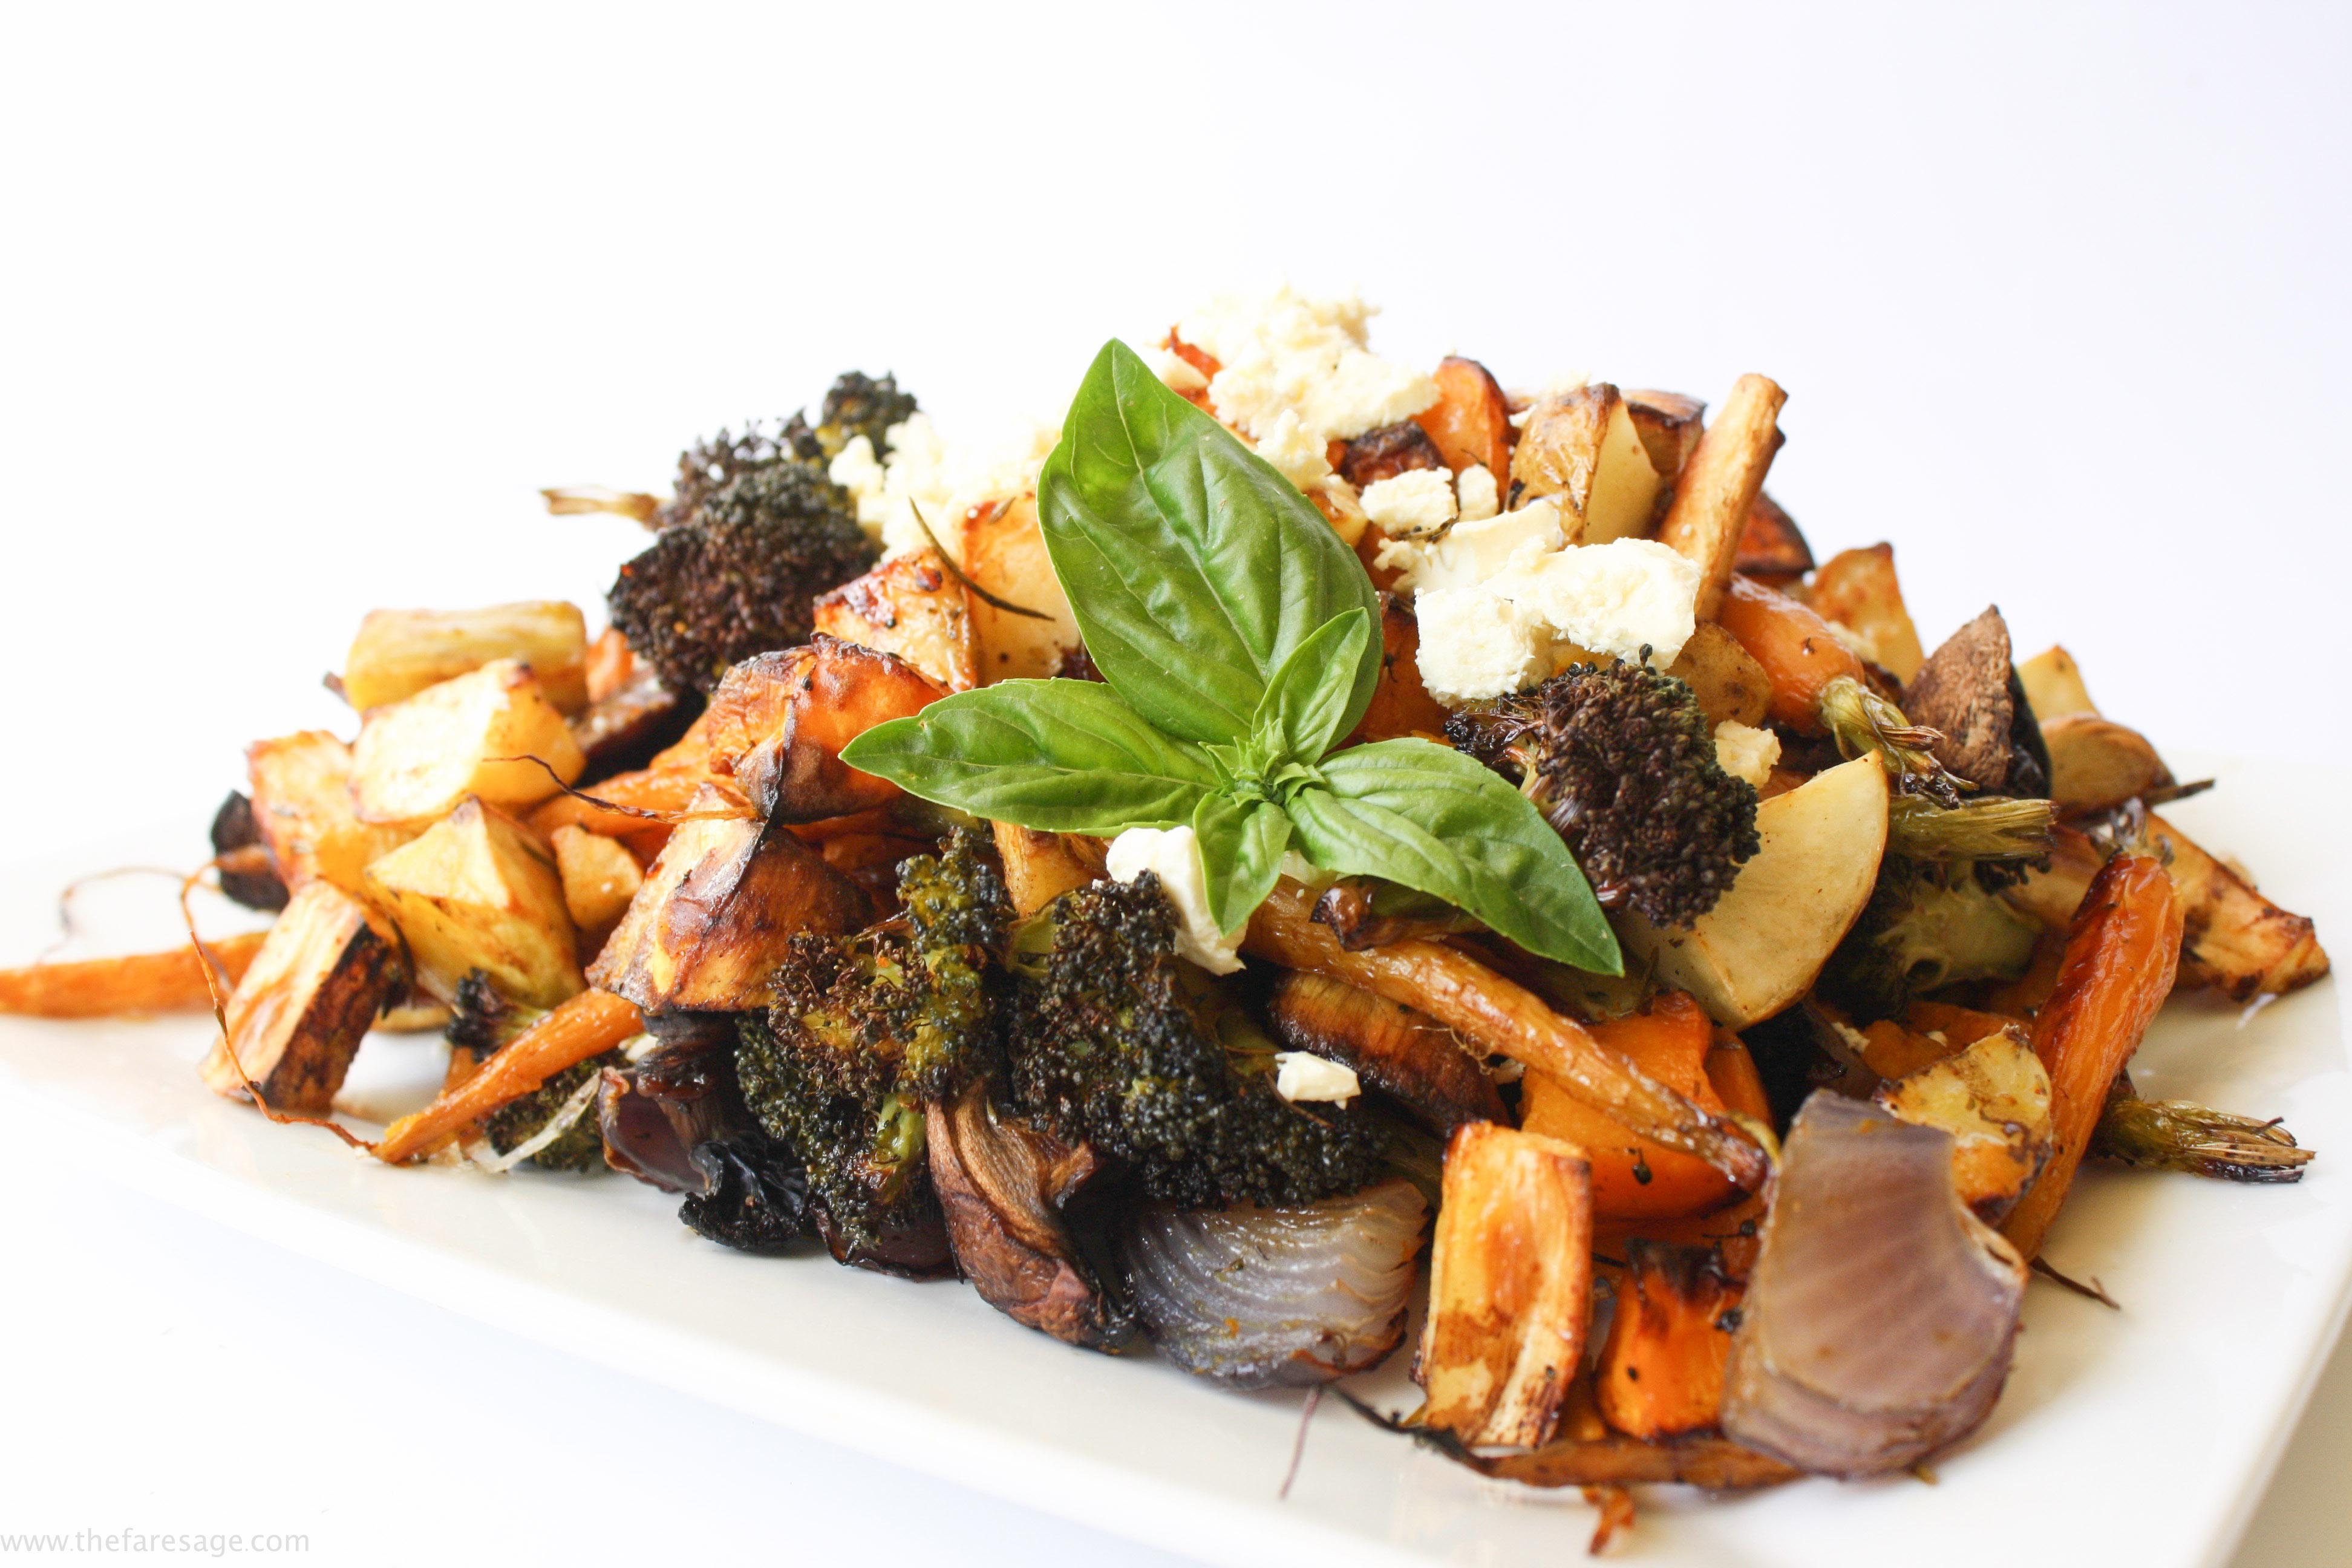 Roasted vegetable salad with feta